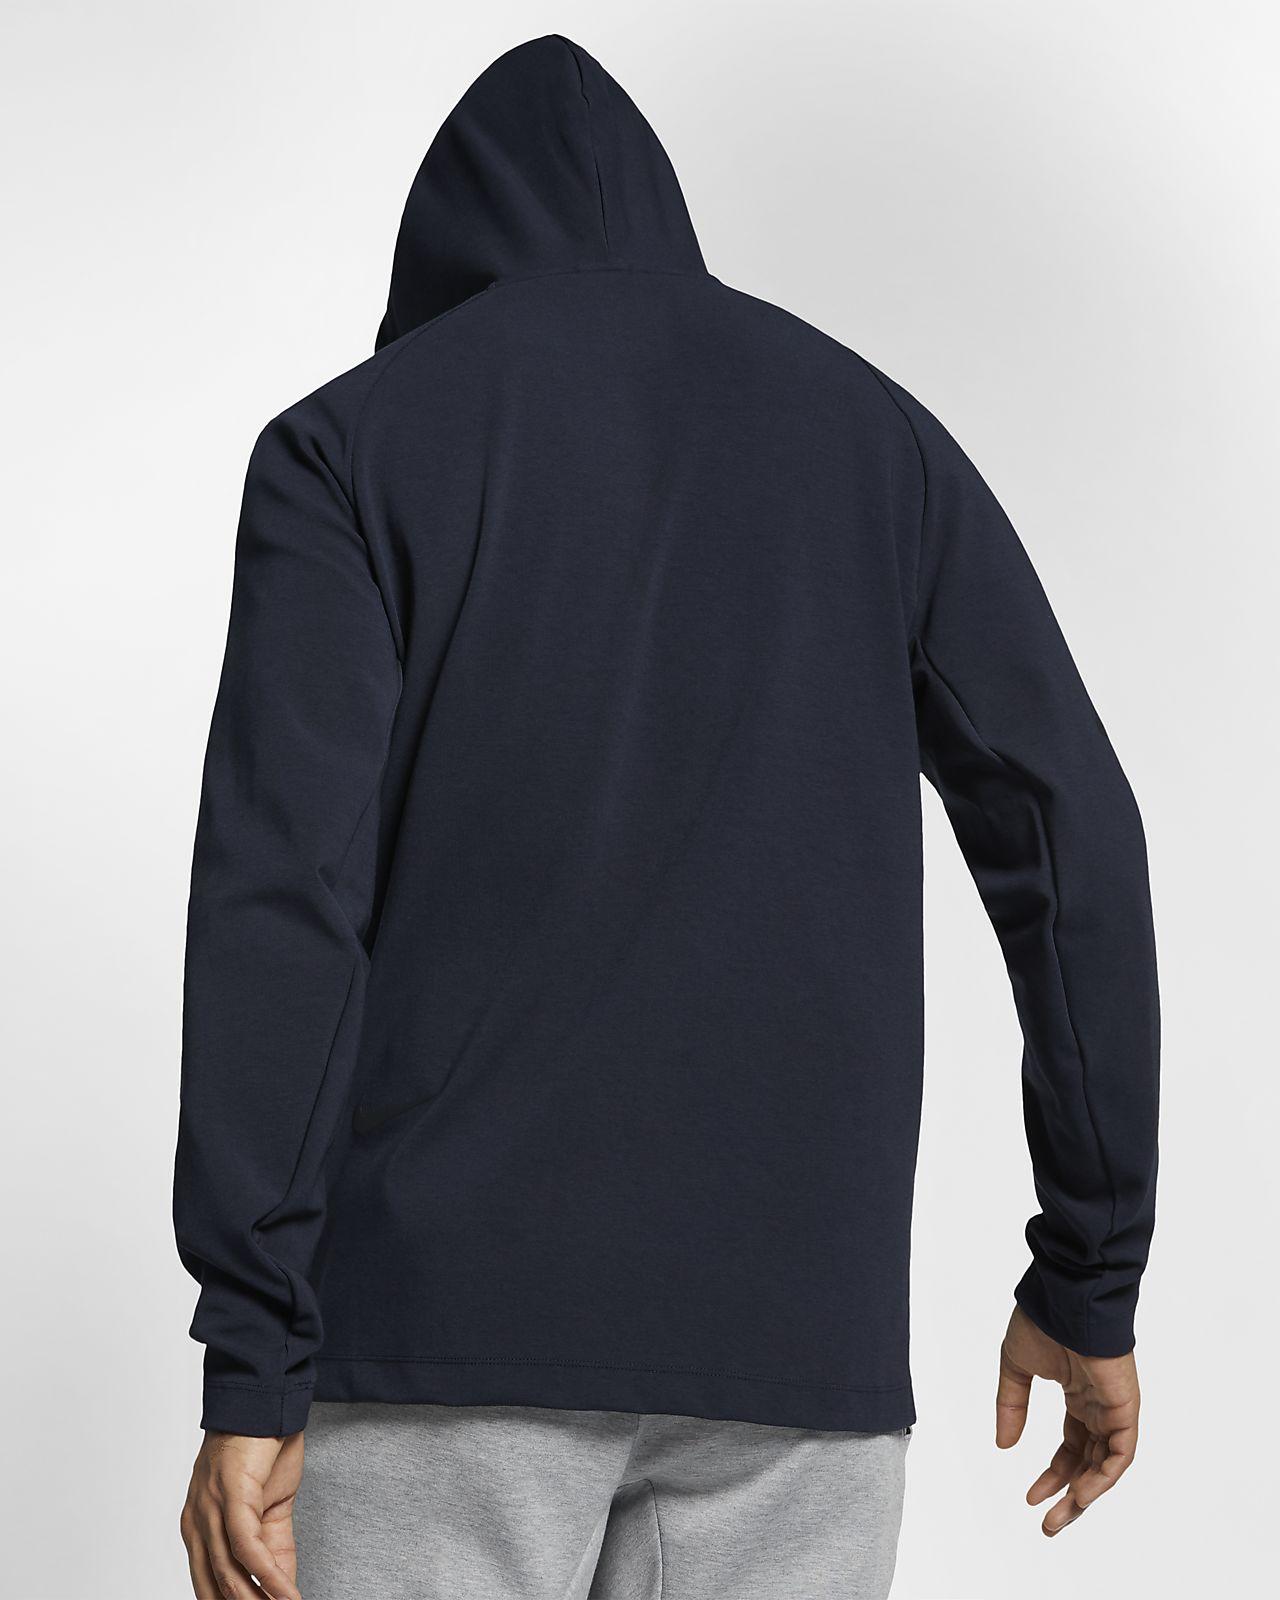 039e2e168e64e3 Nike Sportswear Tech Pack Men's Full-Zip Knit Hoodie. Nike.com CH